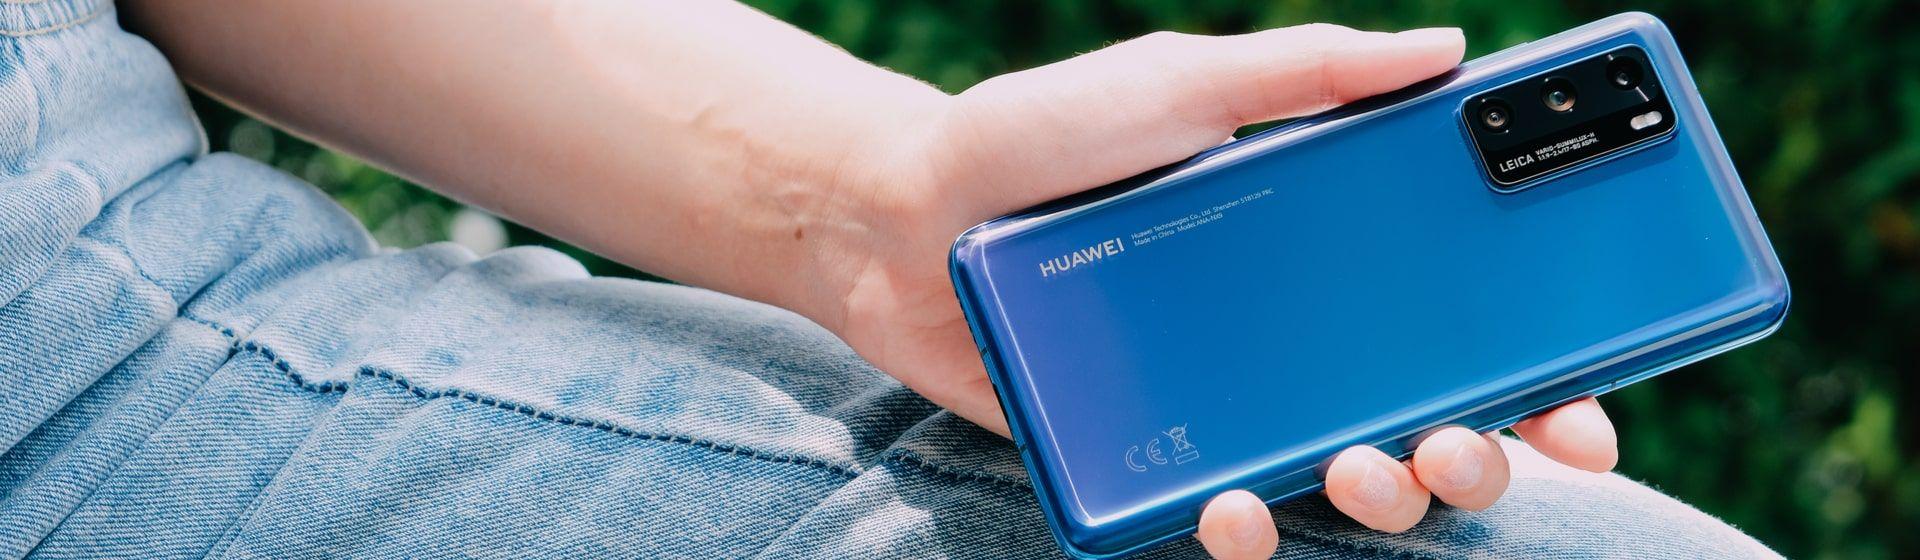 Celulares Huawei: veja os melhores smartphones para comprar